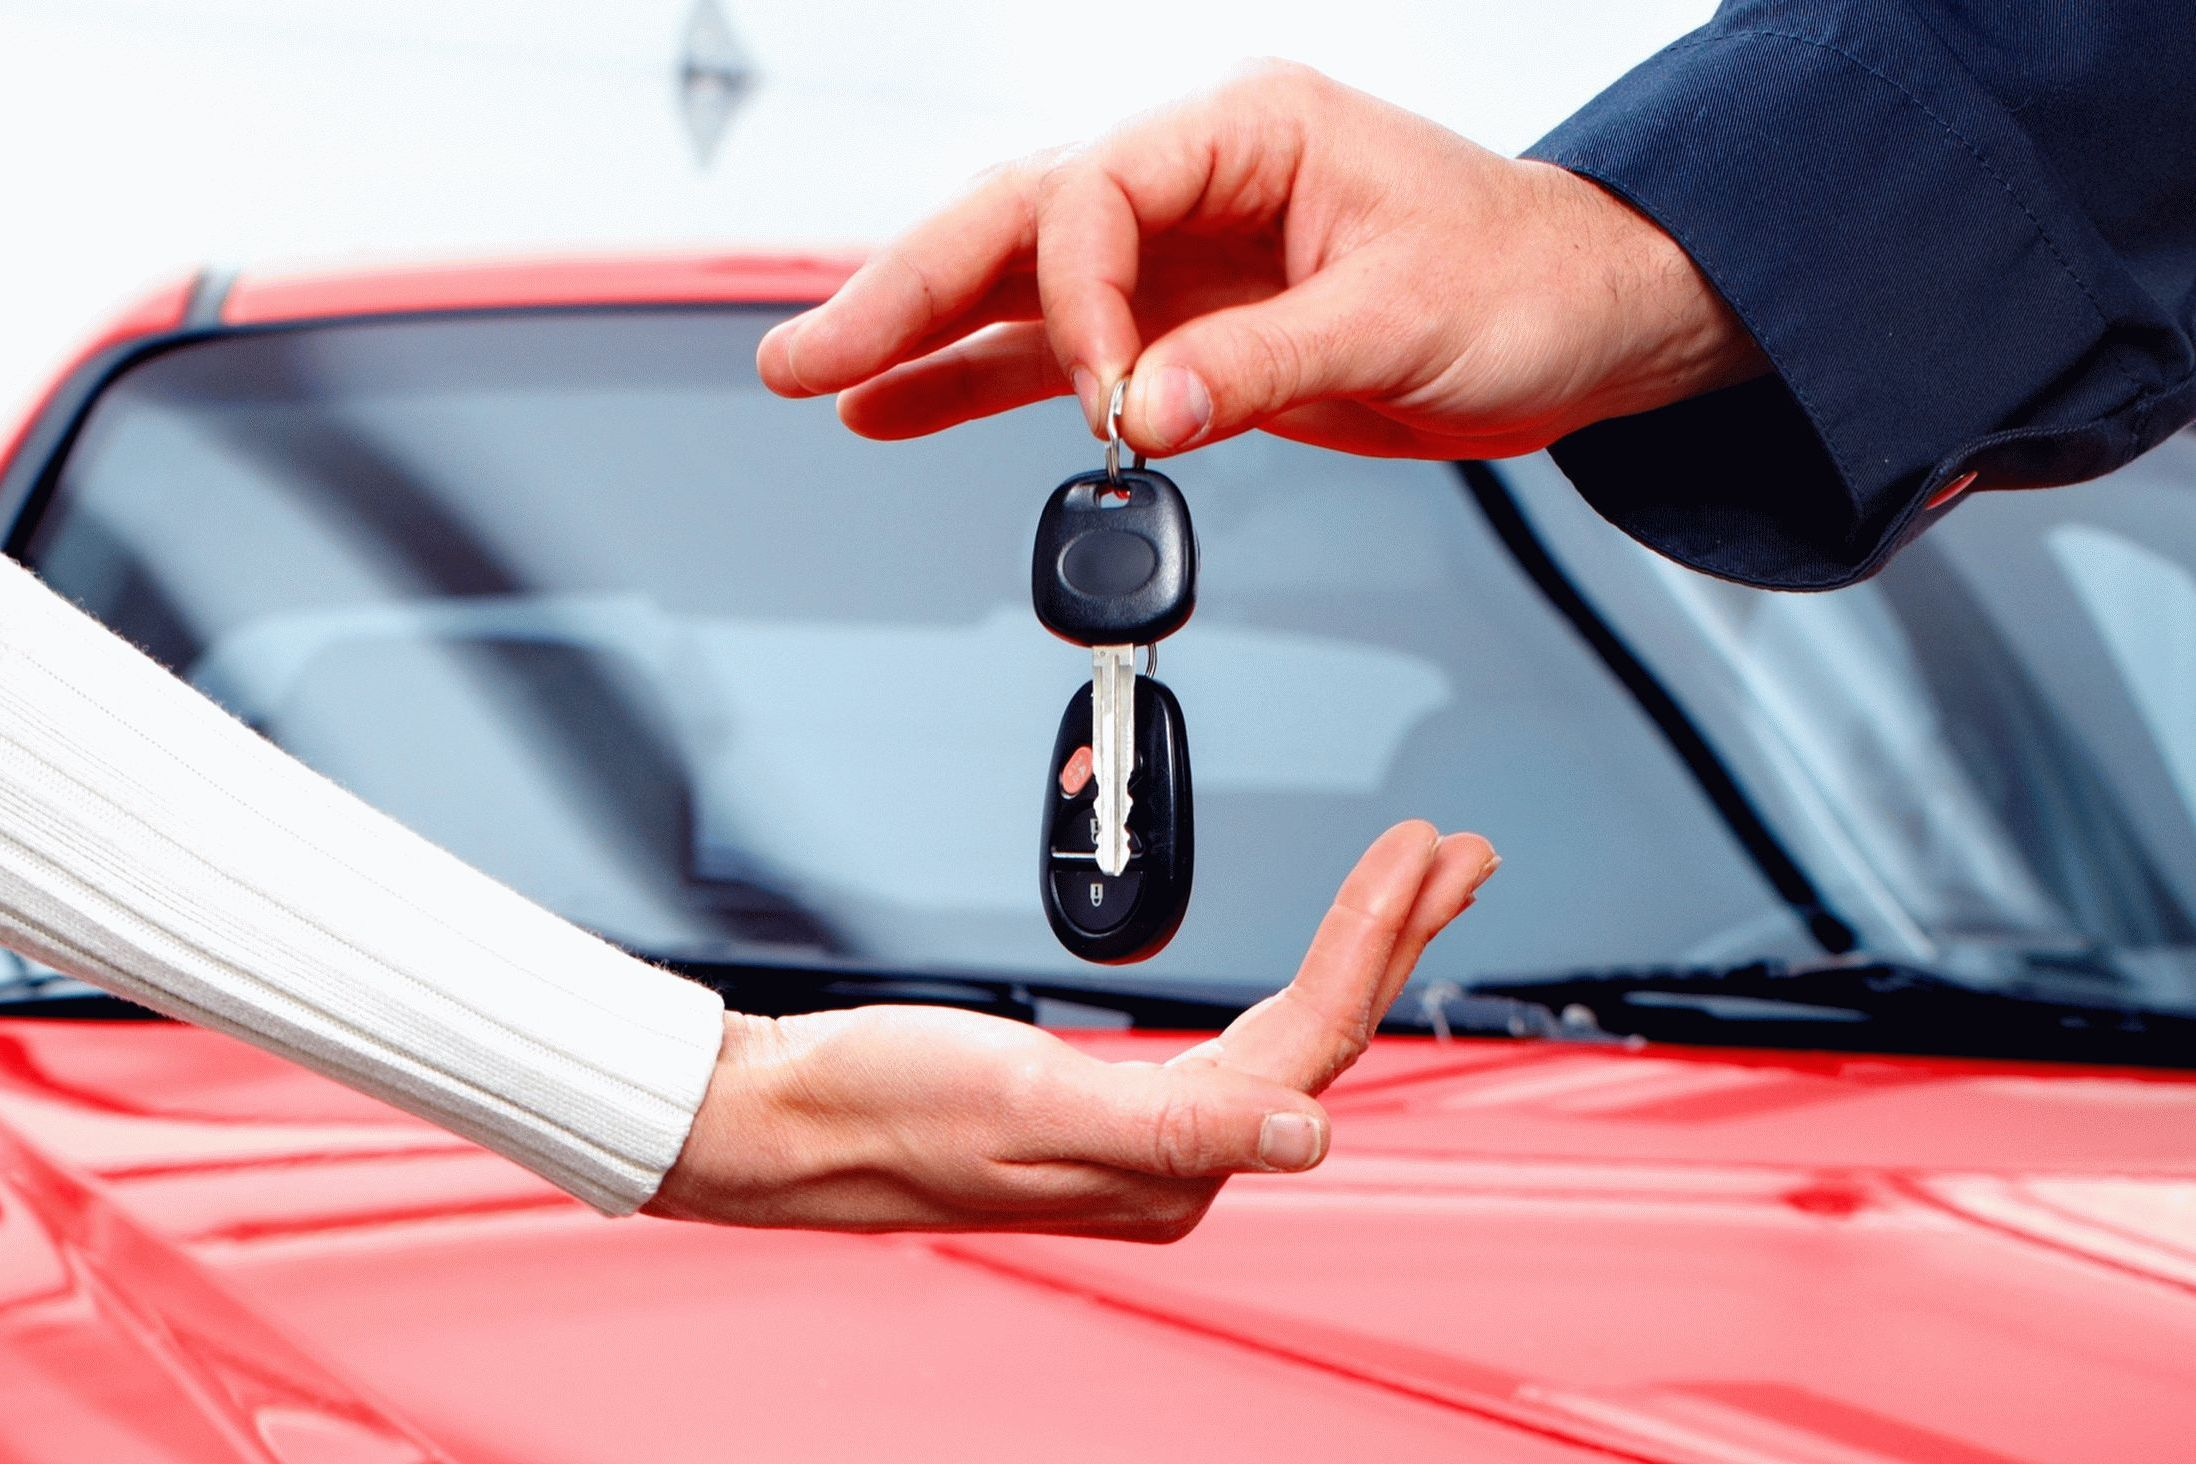 осаго при покупке автомобиля с рук